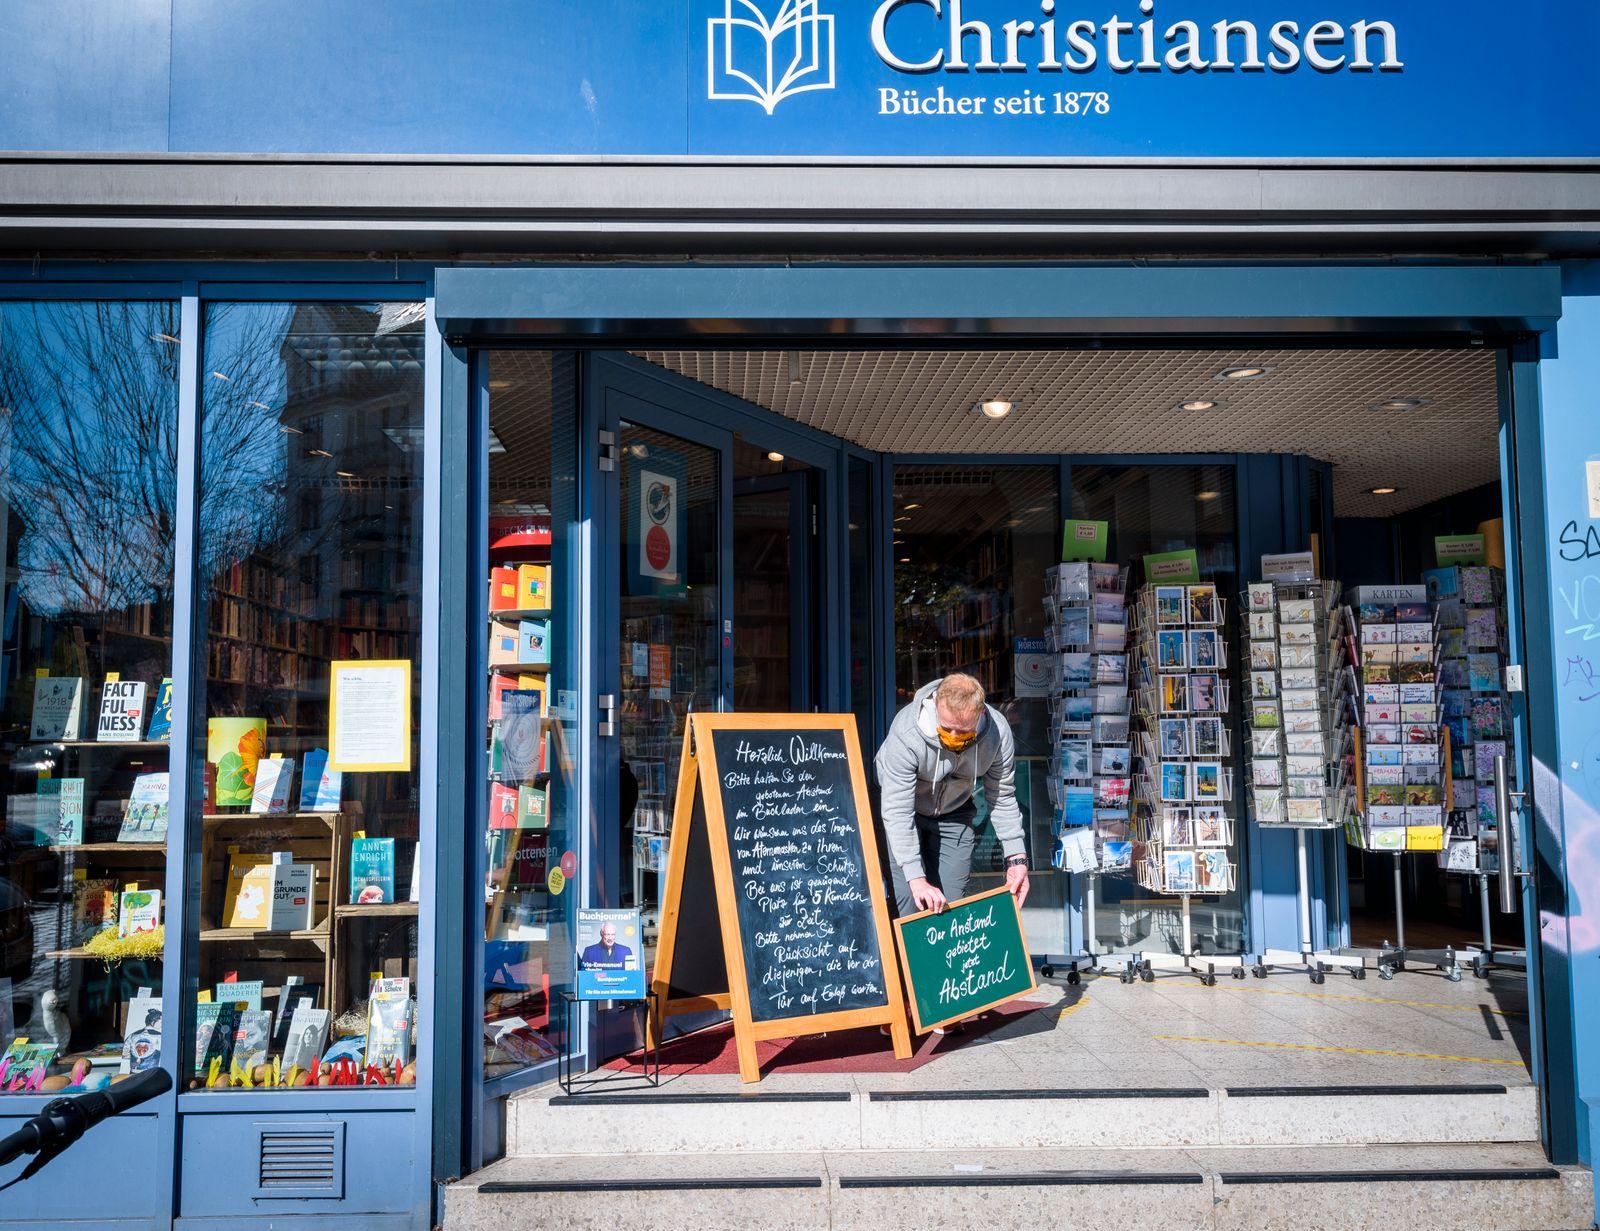 Buchladen-2350